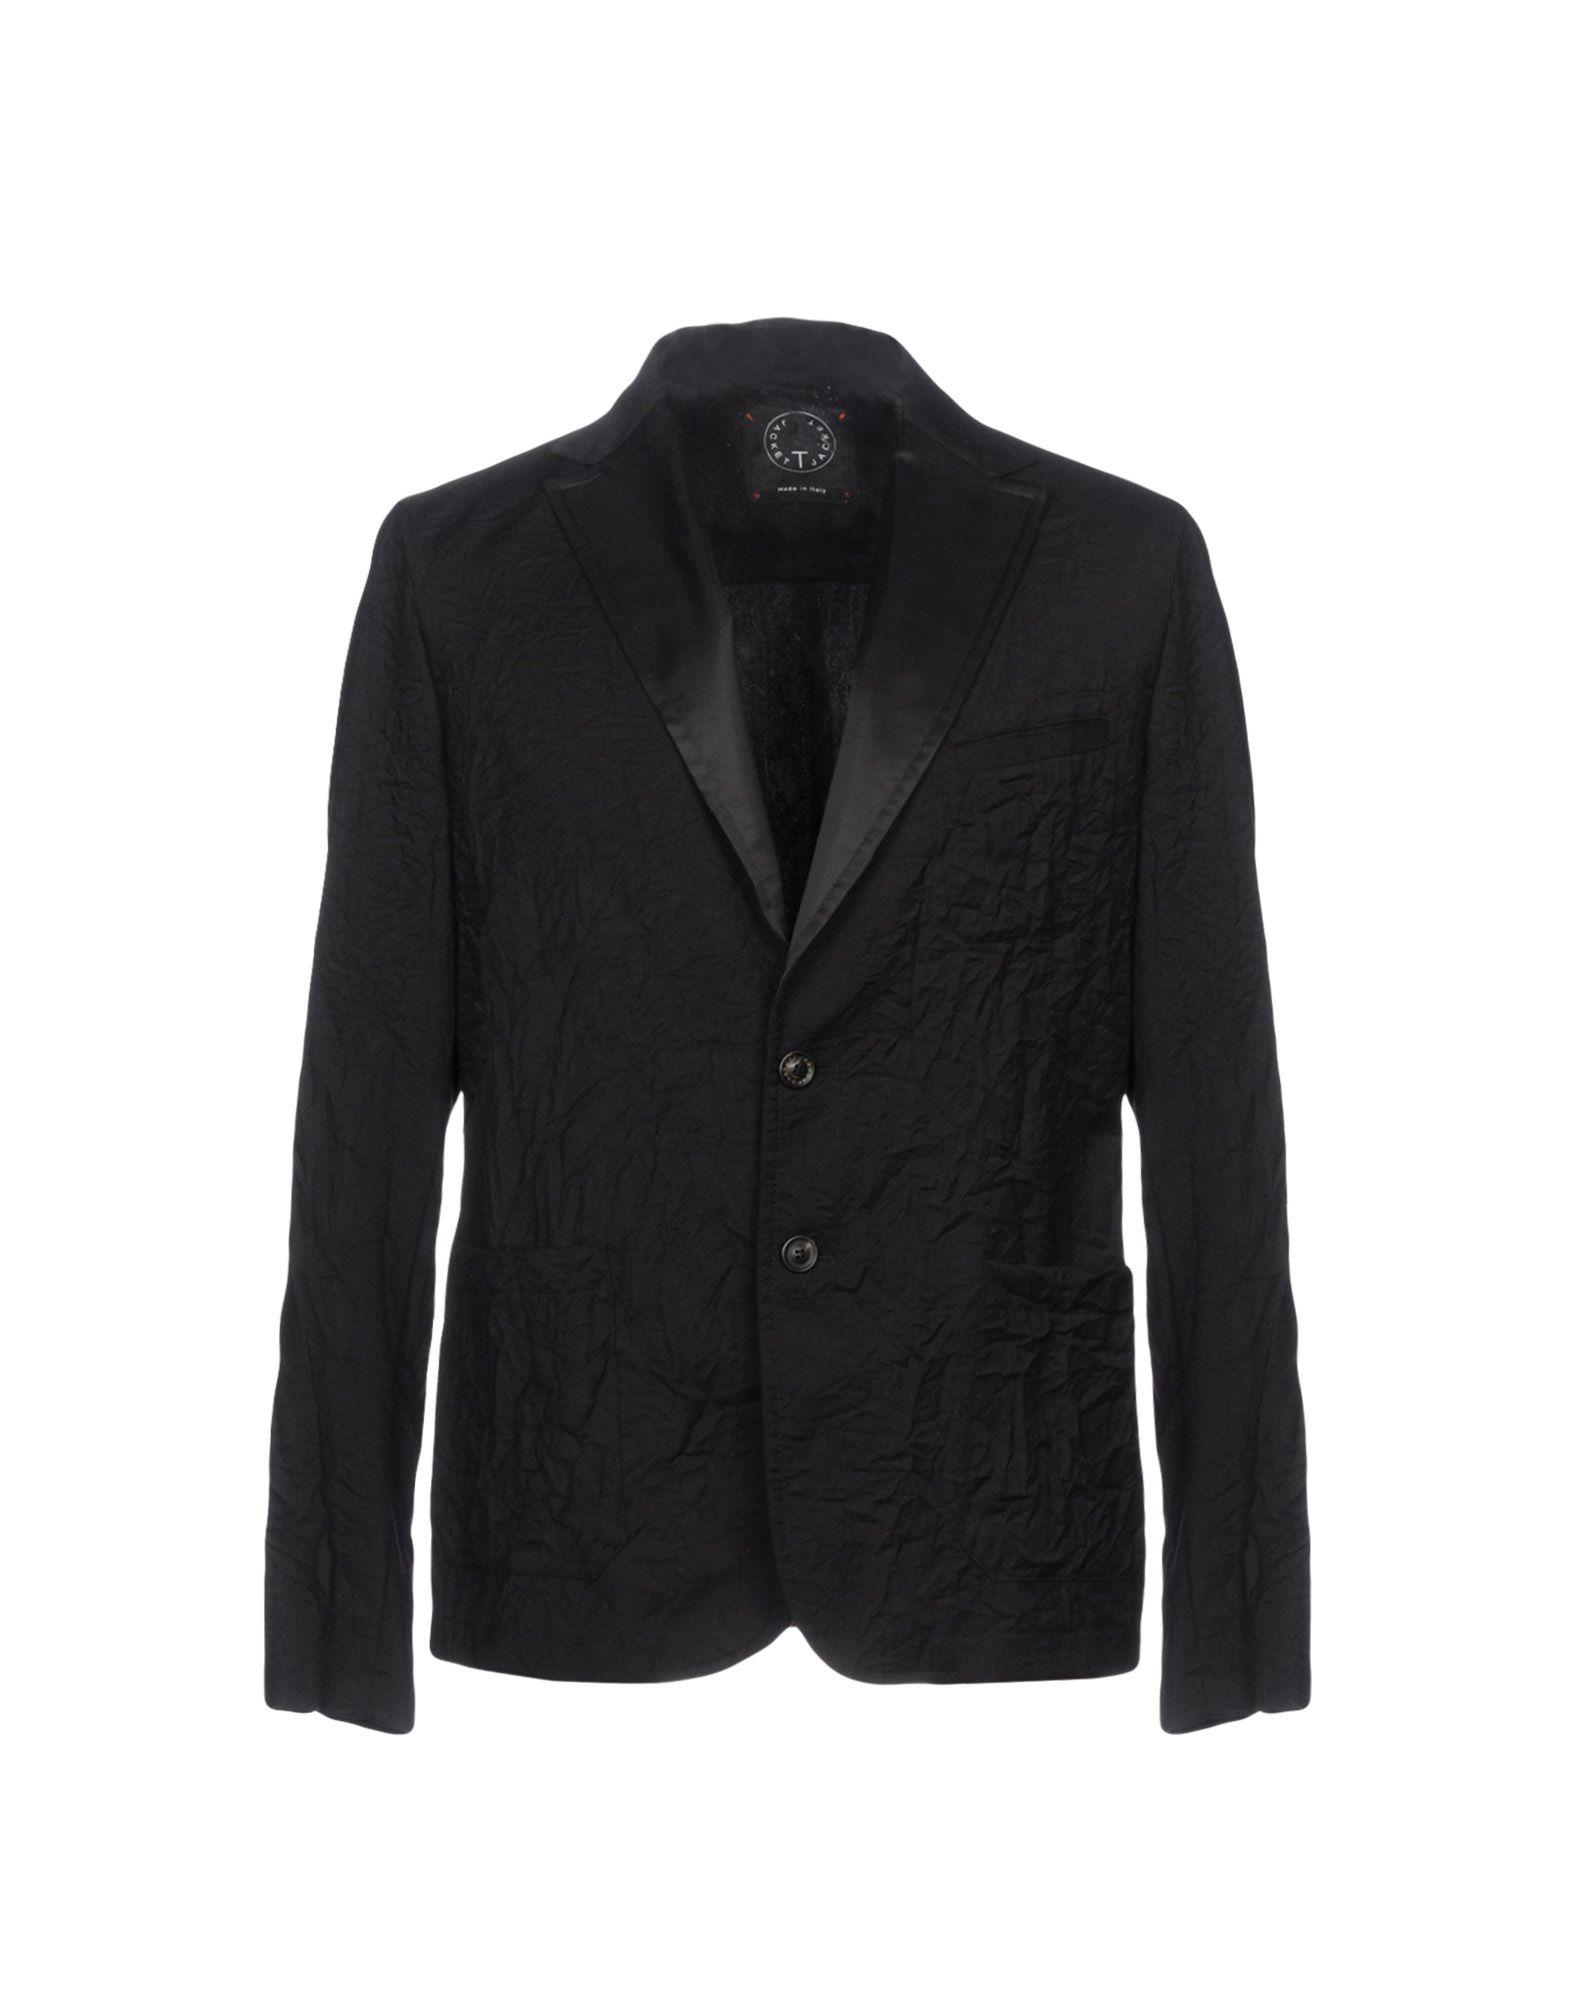 T-JACKET by TONELLO Пиджак jacket baronia jacket